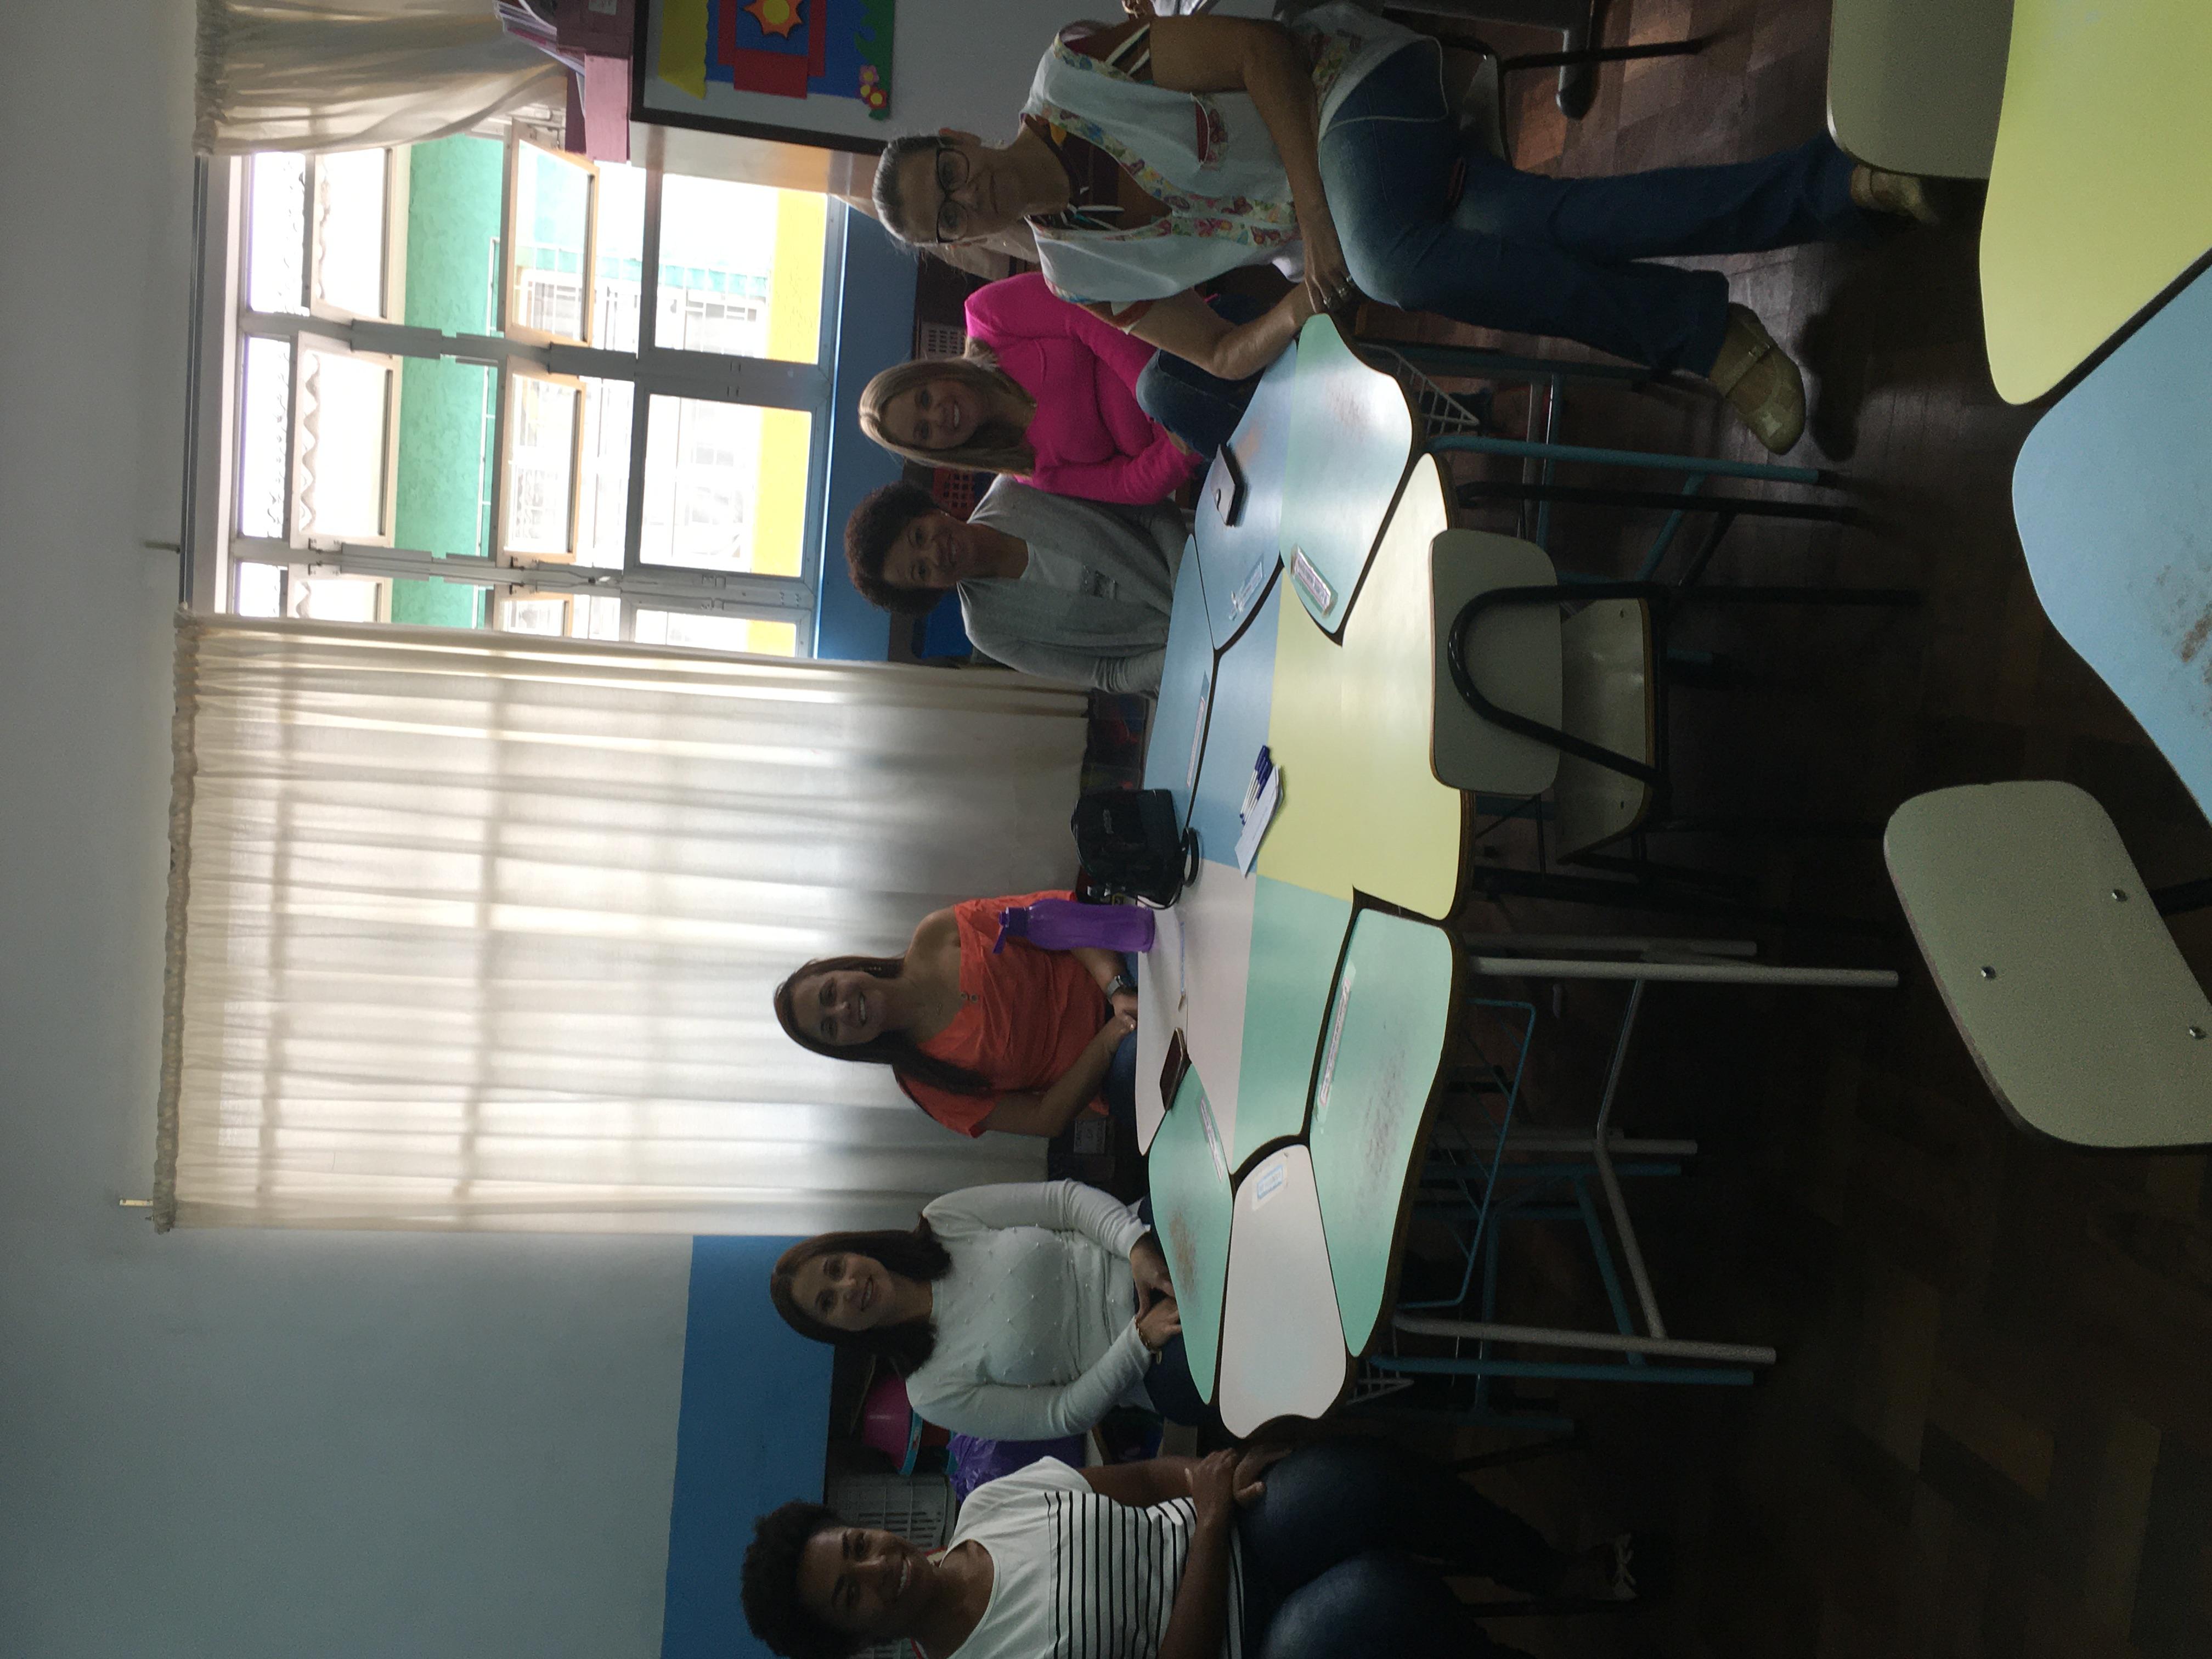 SÁBADO LETIVO - INTEGRAÇÃO COM AS FAMÍLIAS - COMEMORAÇÃO AO DIA INTERNACIONAL DA